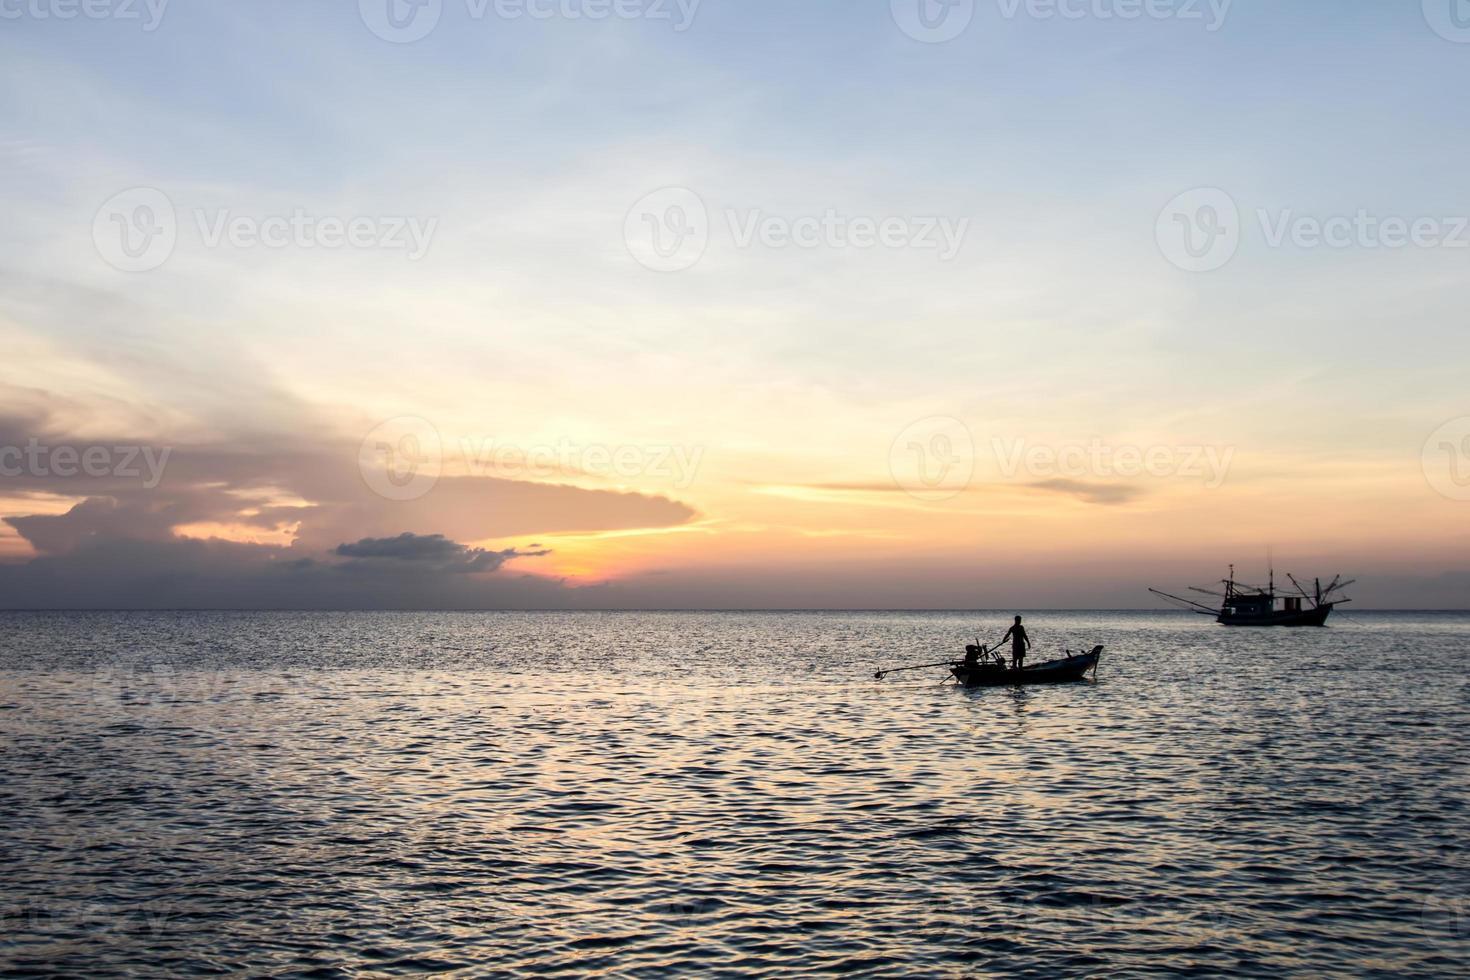 långsvansad båt och solnedgång till sjöss, Koh Phangan, Surat thani foto